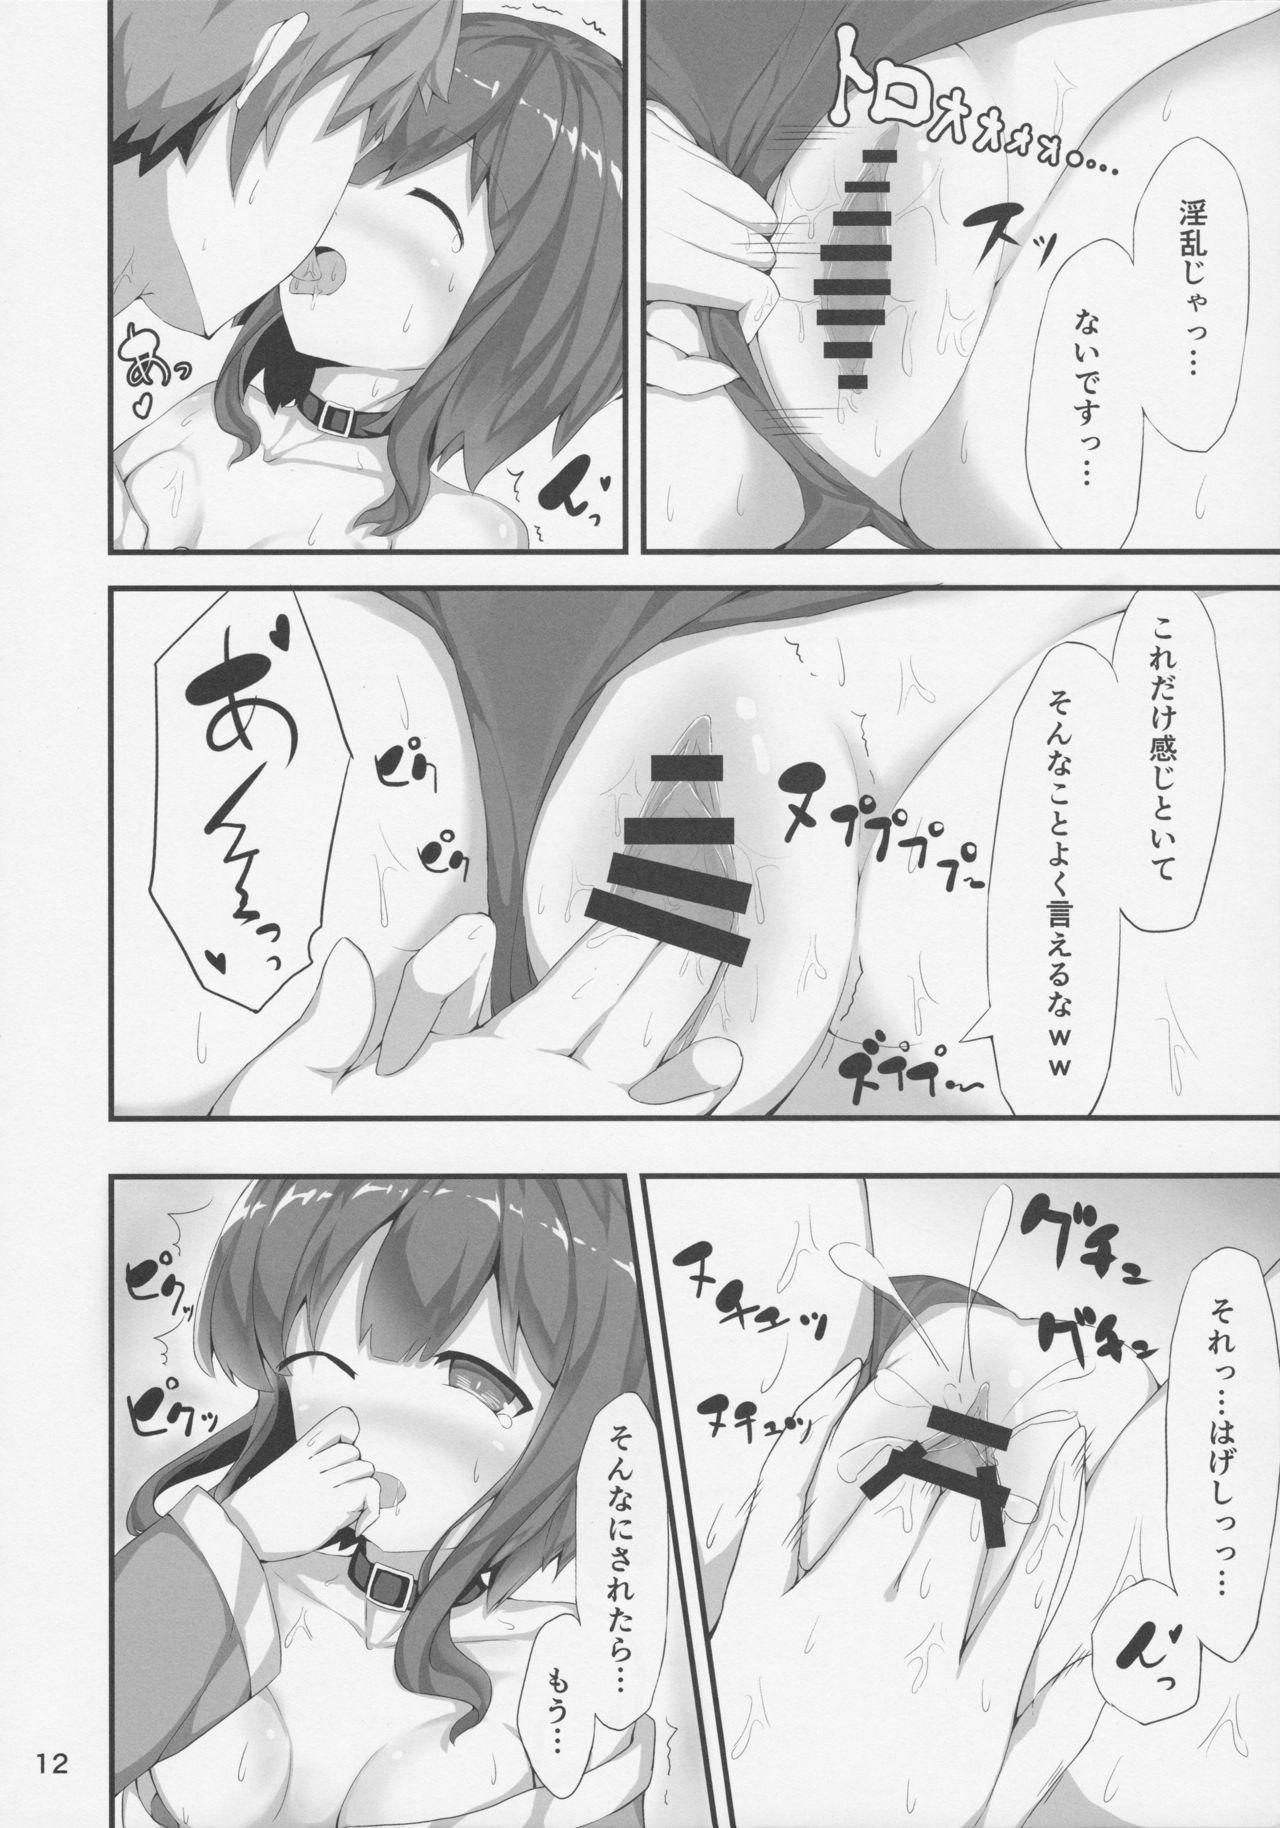 Megumin ga Josei no Miryoku o Misete kurerutte 10